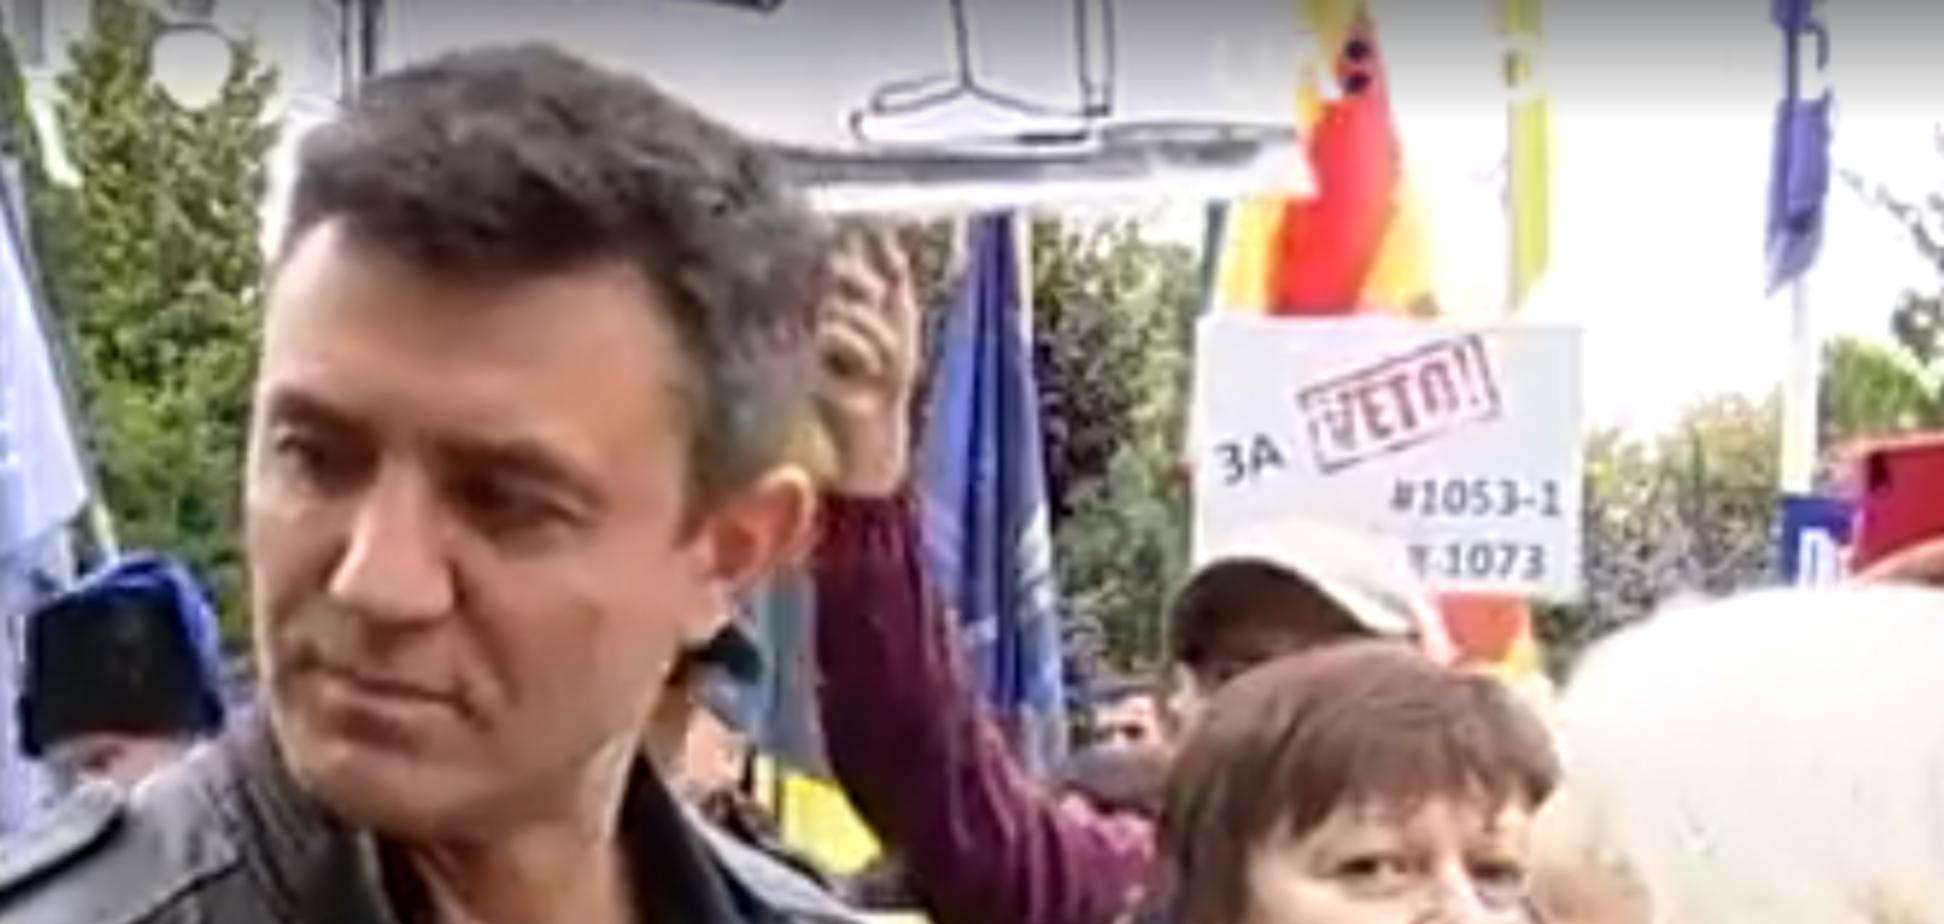 Николай Тищенко. Источник: Скриншот видео